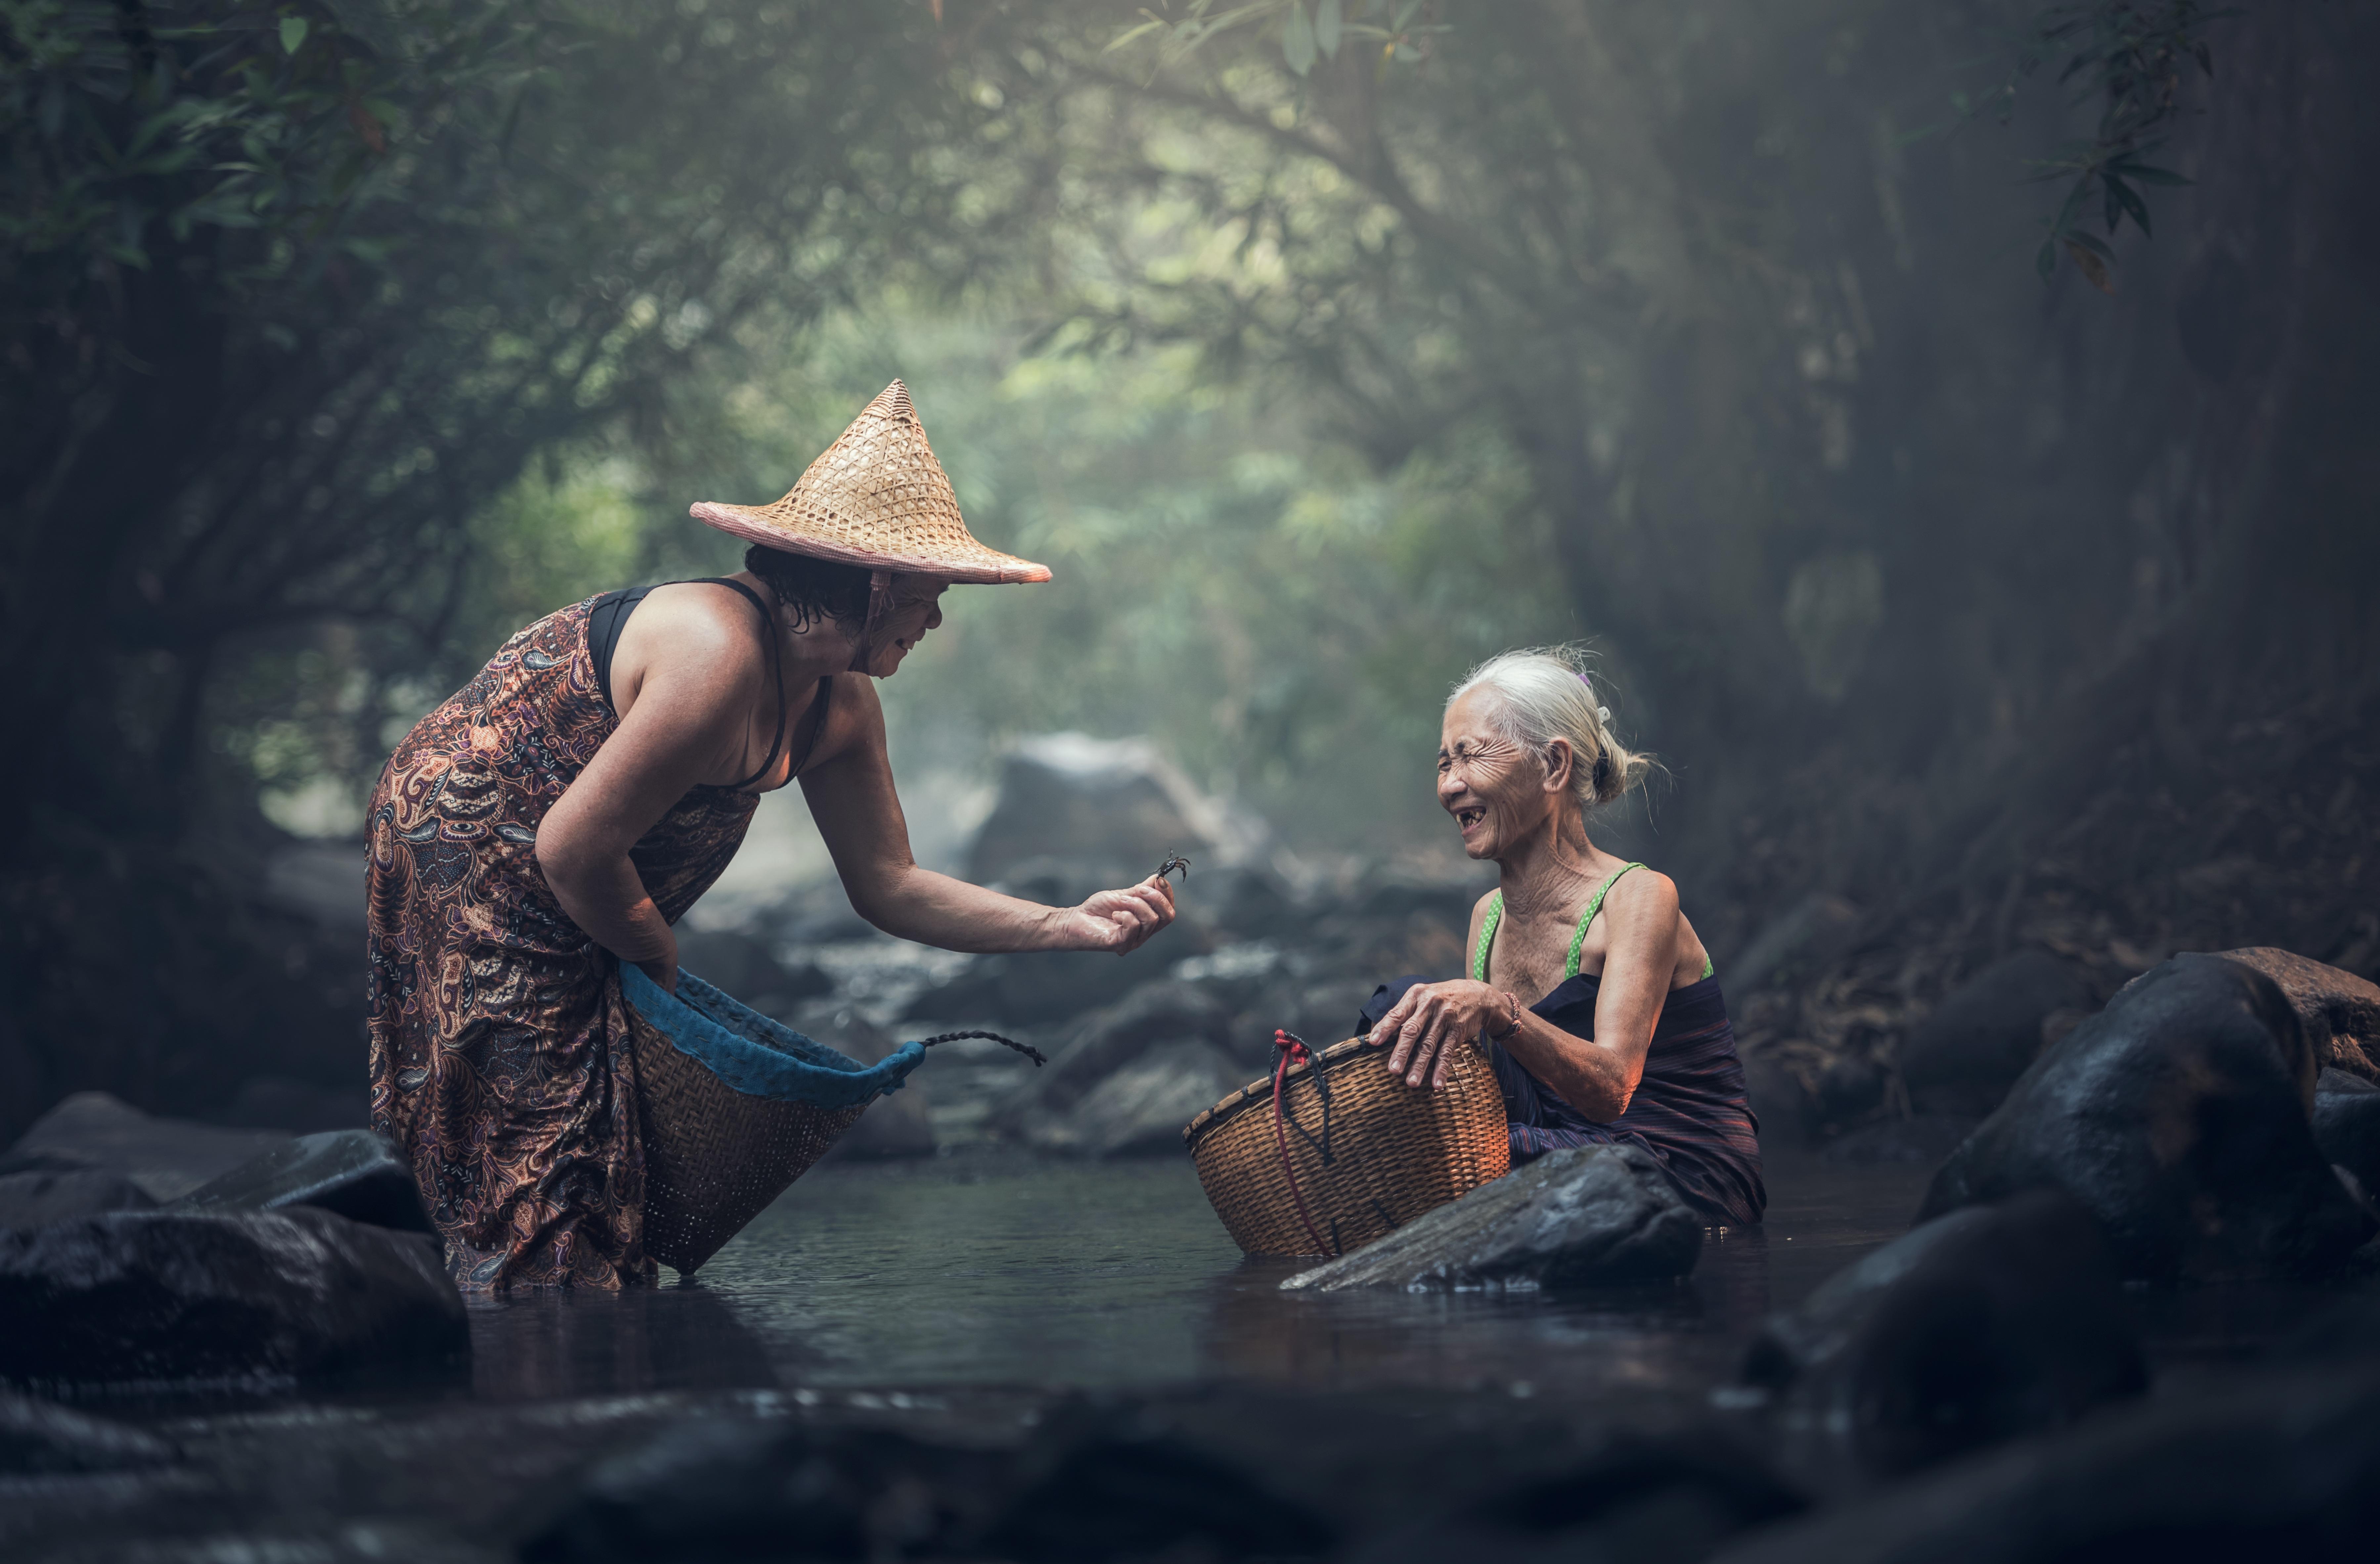 Brezplačne slike Voda, na prostem, skala, slap, ženska, kmetija, podeželje, stari, džungla-3619